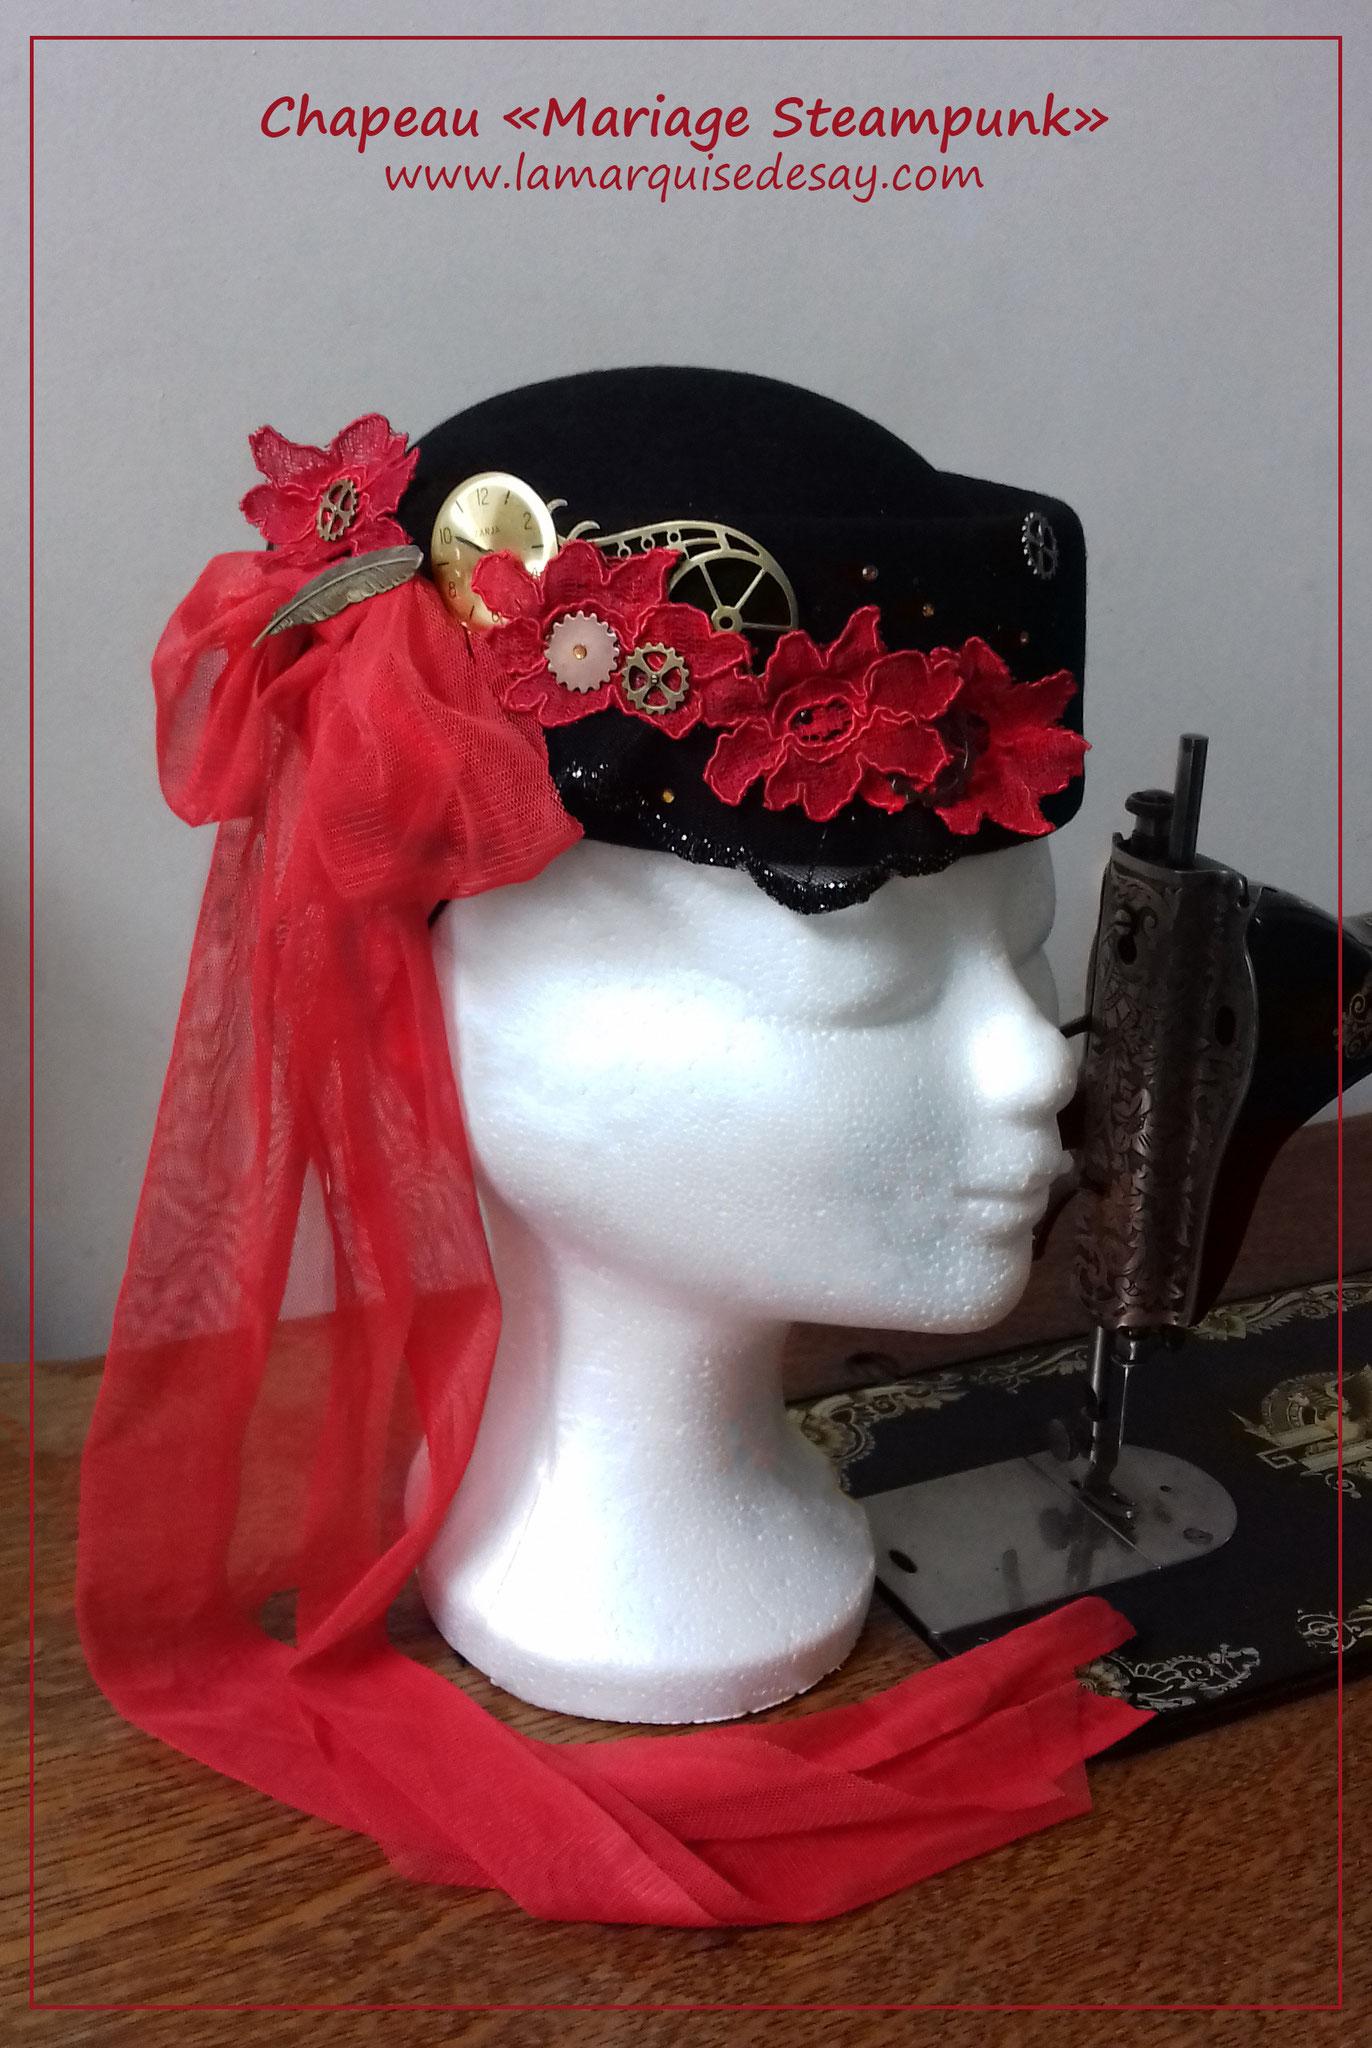 Chapeau Mariage Steampunk - Feutre noir moulé - Demande sur-mesure